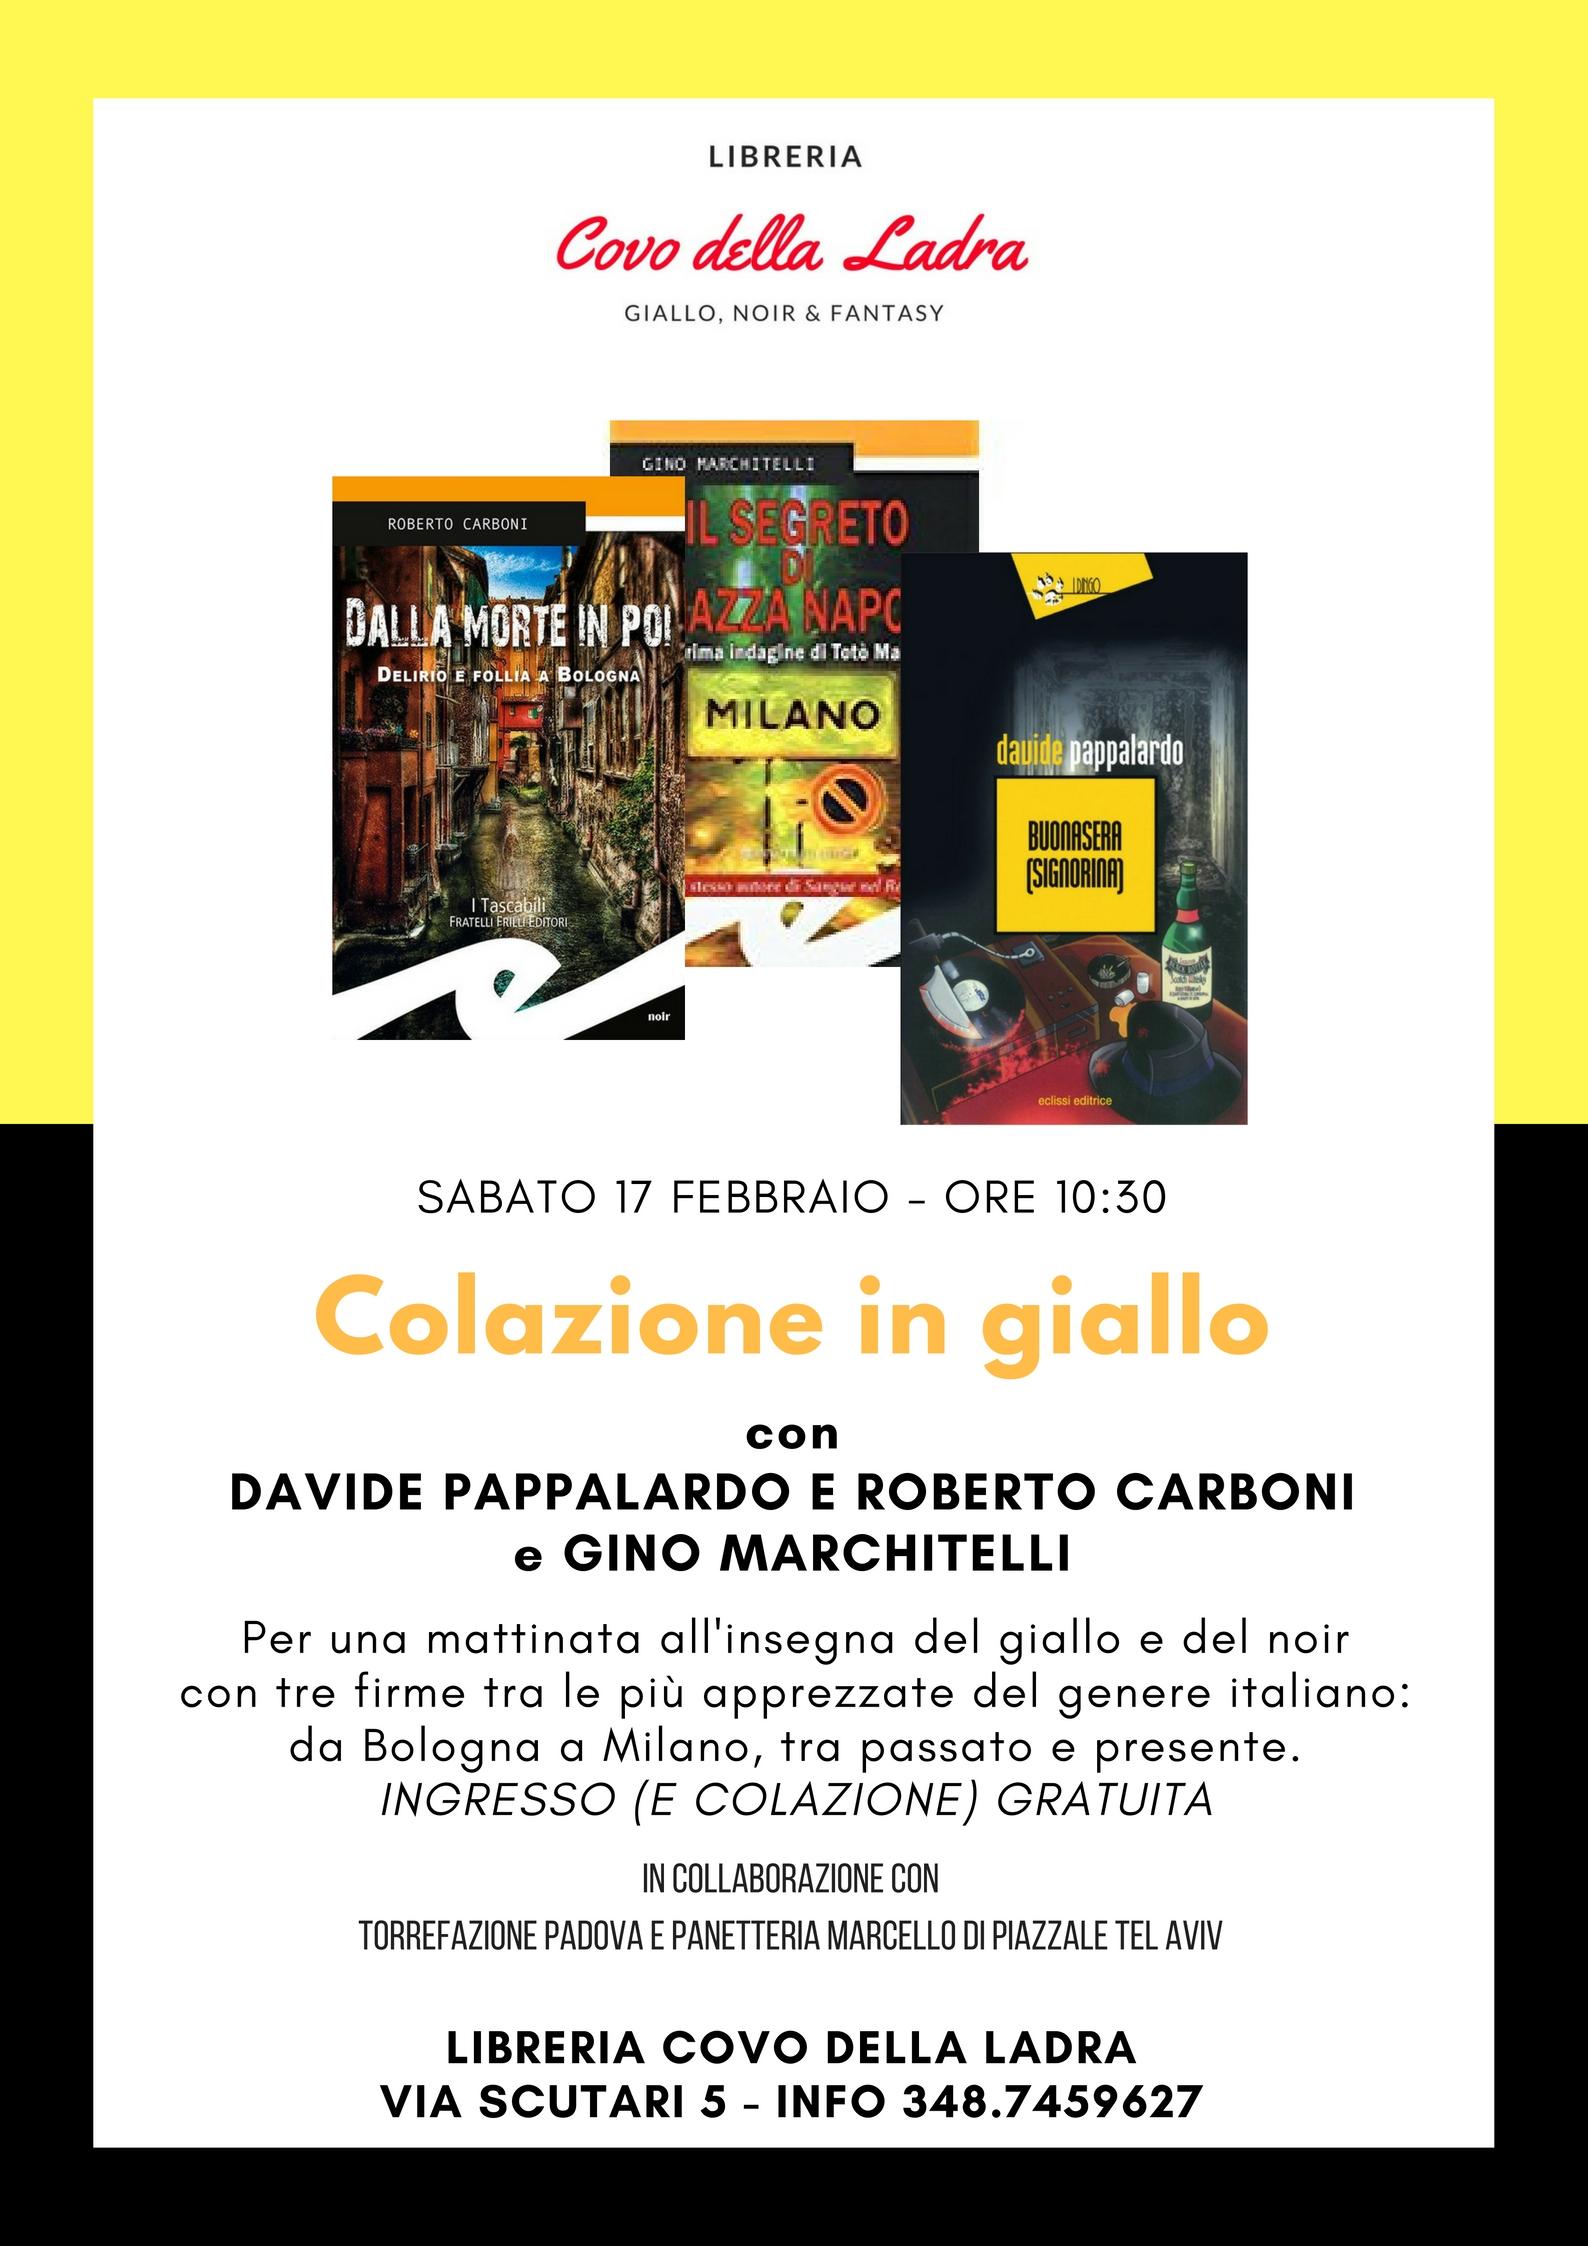 Colazione in giallo con Davide Pappalardo, Roberto Carboni e Gino Marchitelli